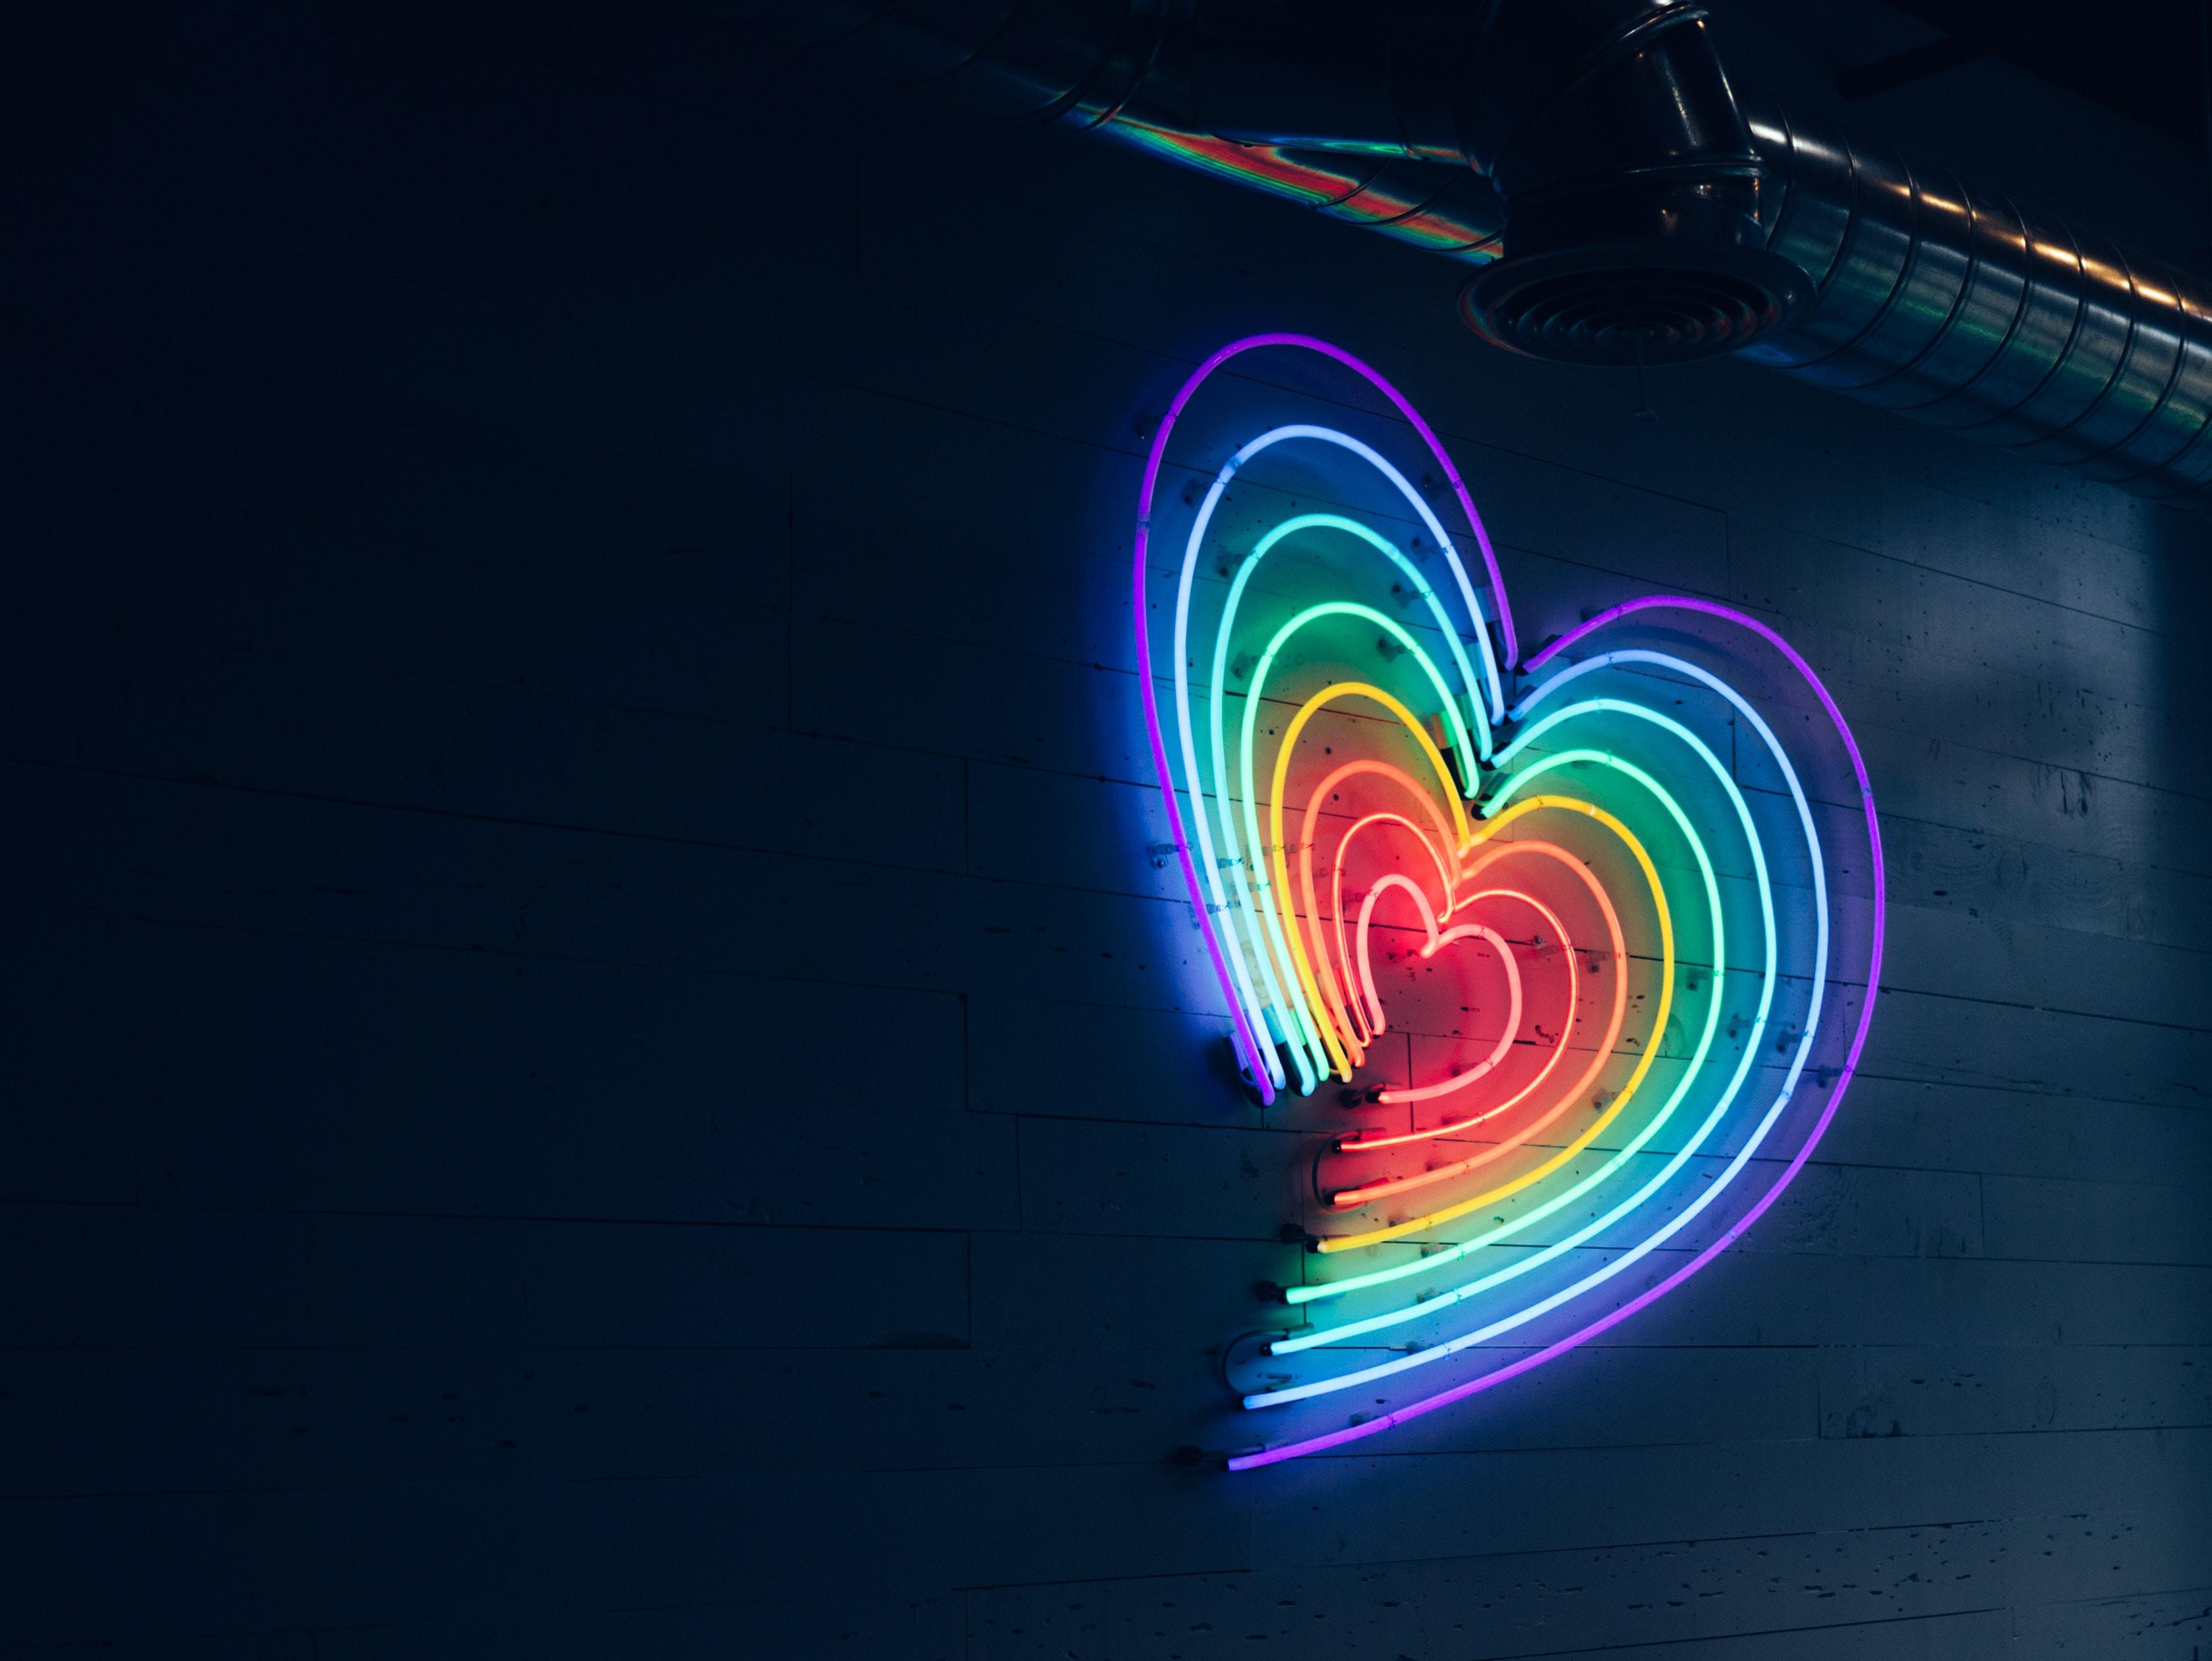 Ein Neonschild in Herzform mit Regenbogenfarben